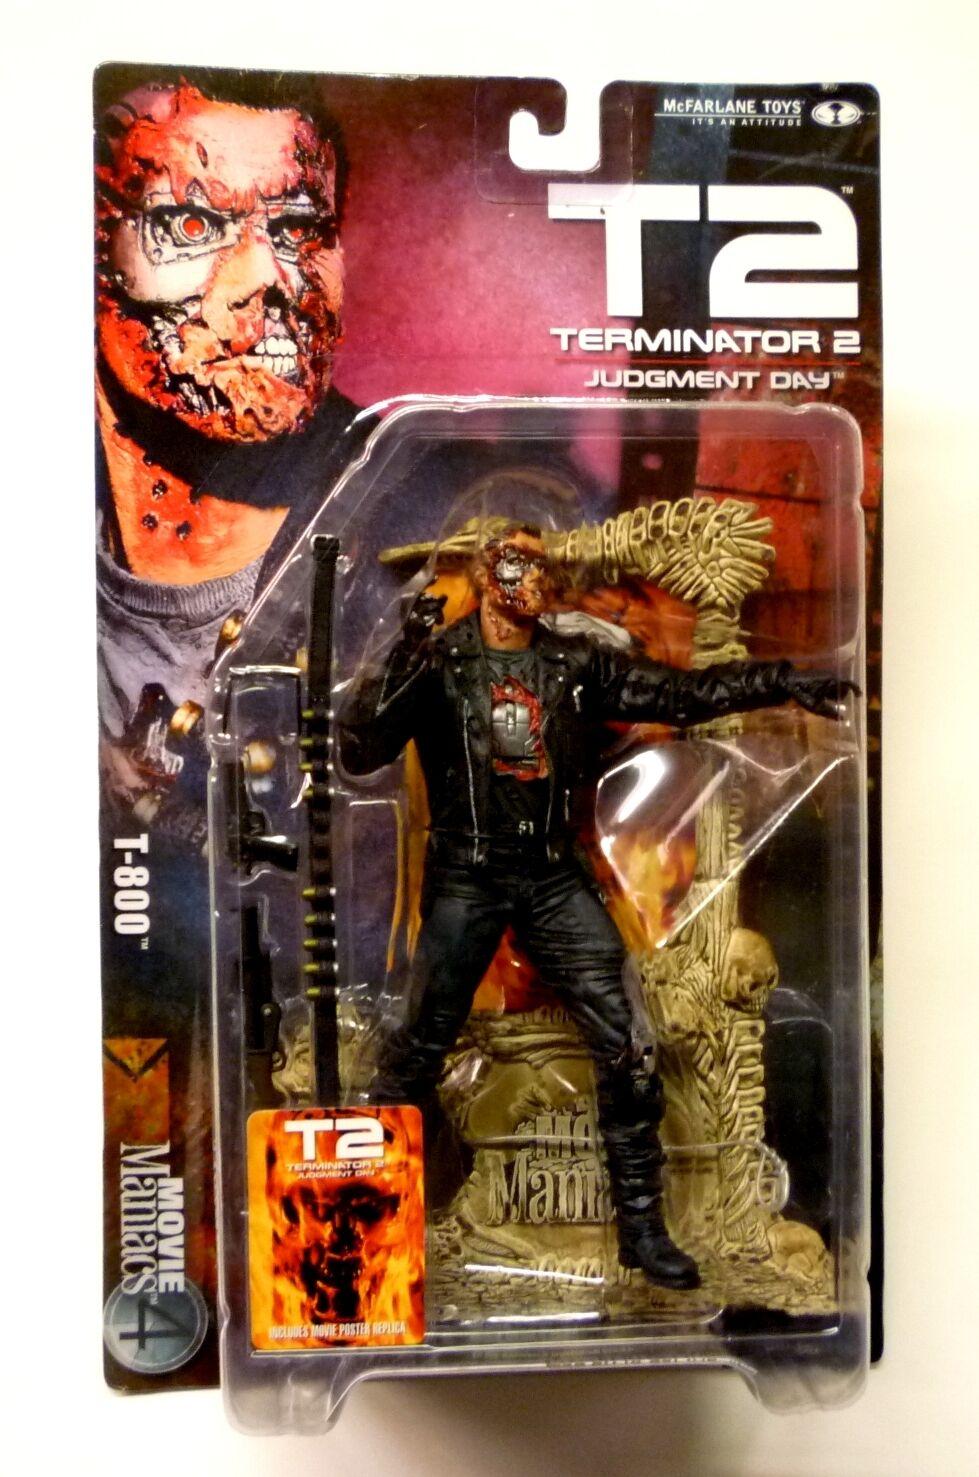 McFarlane  Toys T-800 TERMINATOR Movie Maniacs Series 4 action figure Neuf 2001  jusqu'à 60% de réduction